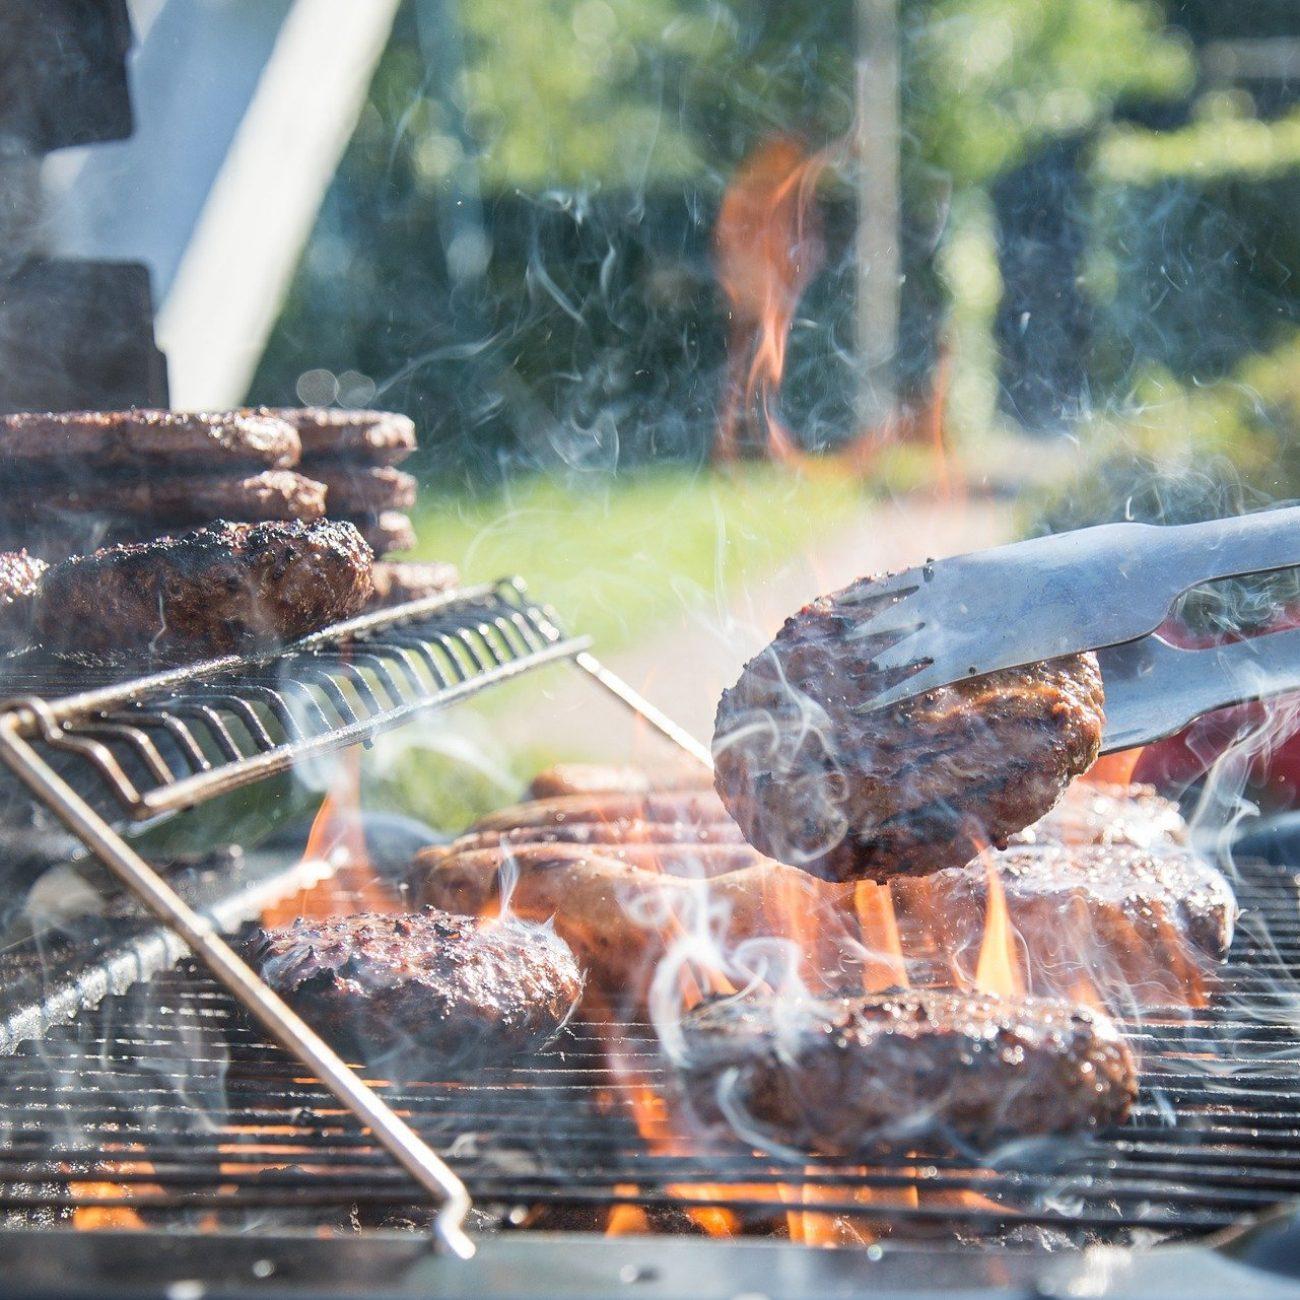 BBQ - Summer Event